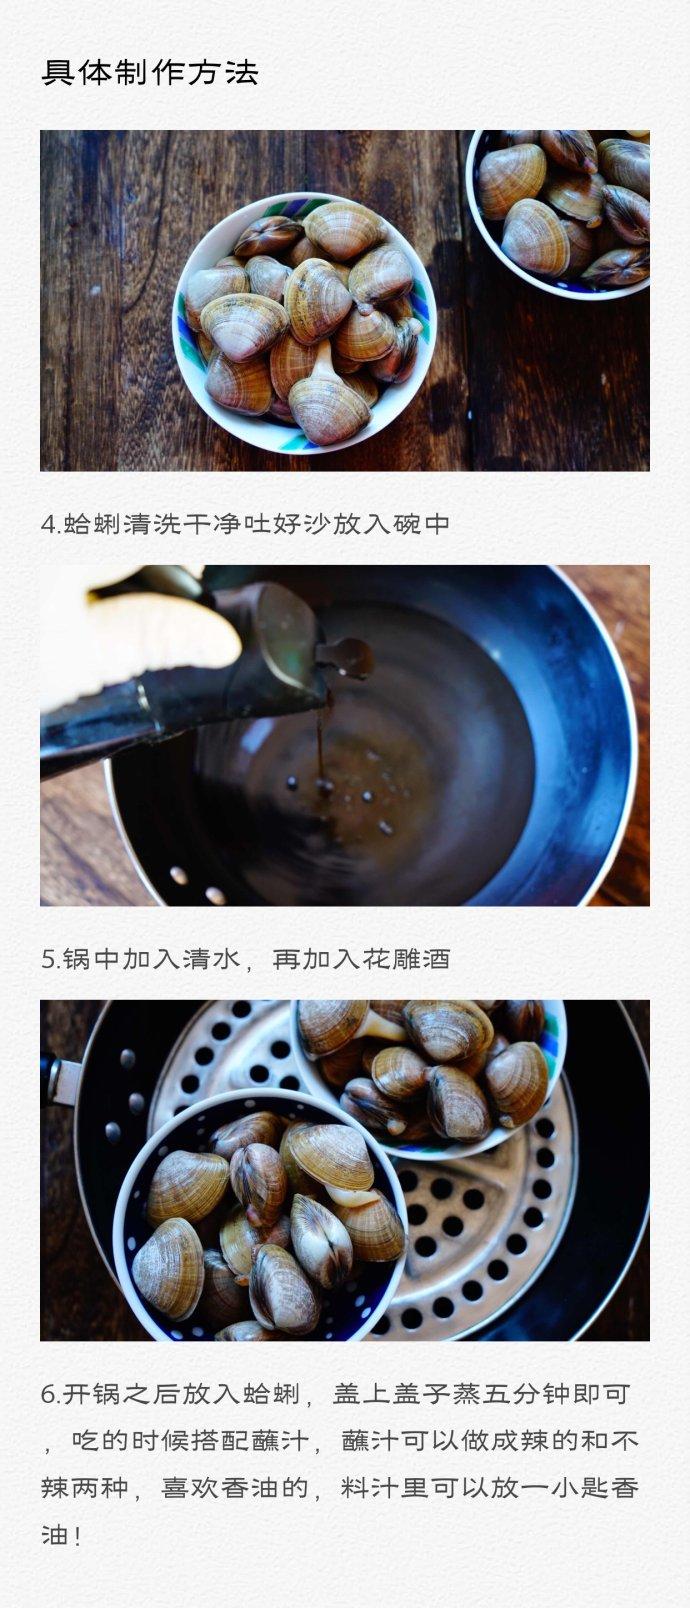 寒冷冬季里的暖身下酒菜-花雕酒蒸蛤蜊